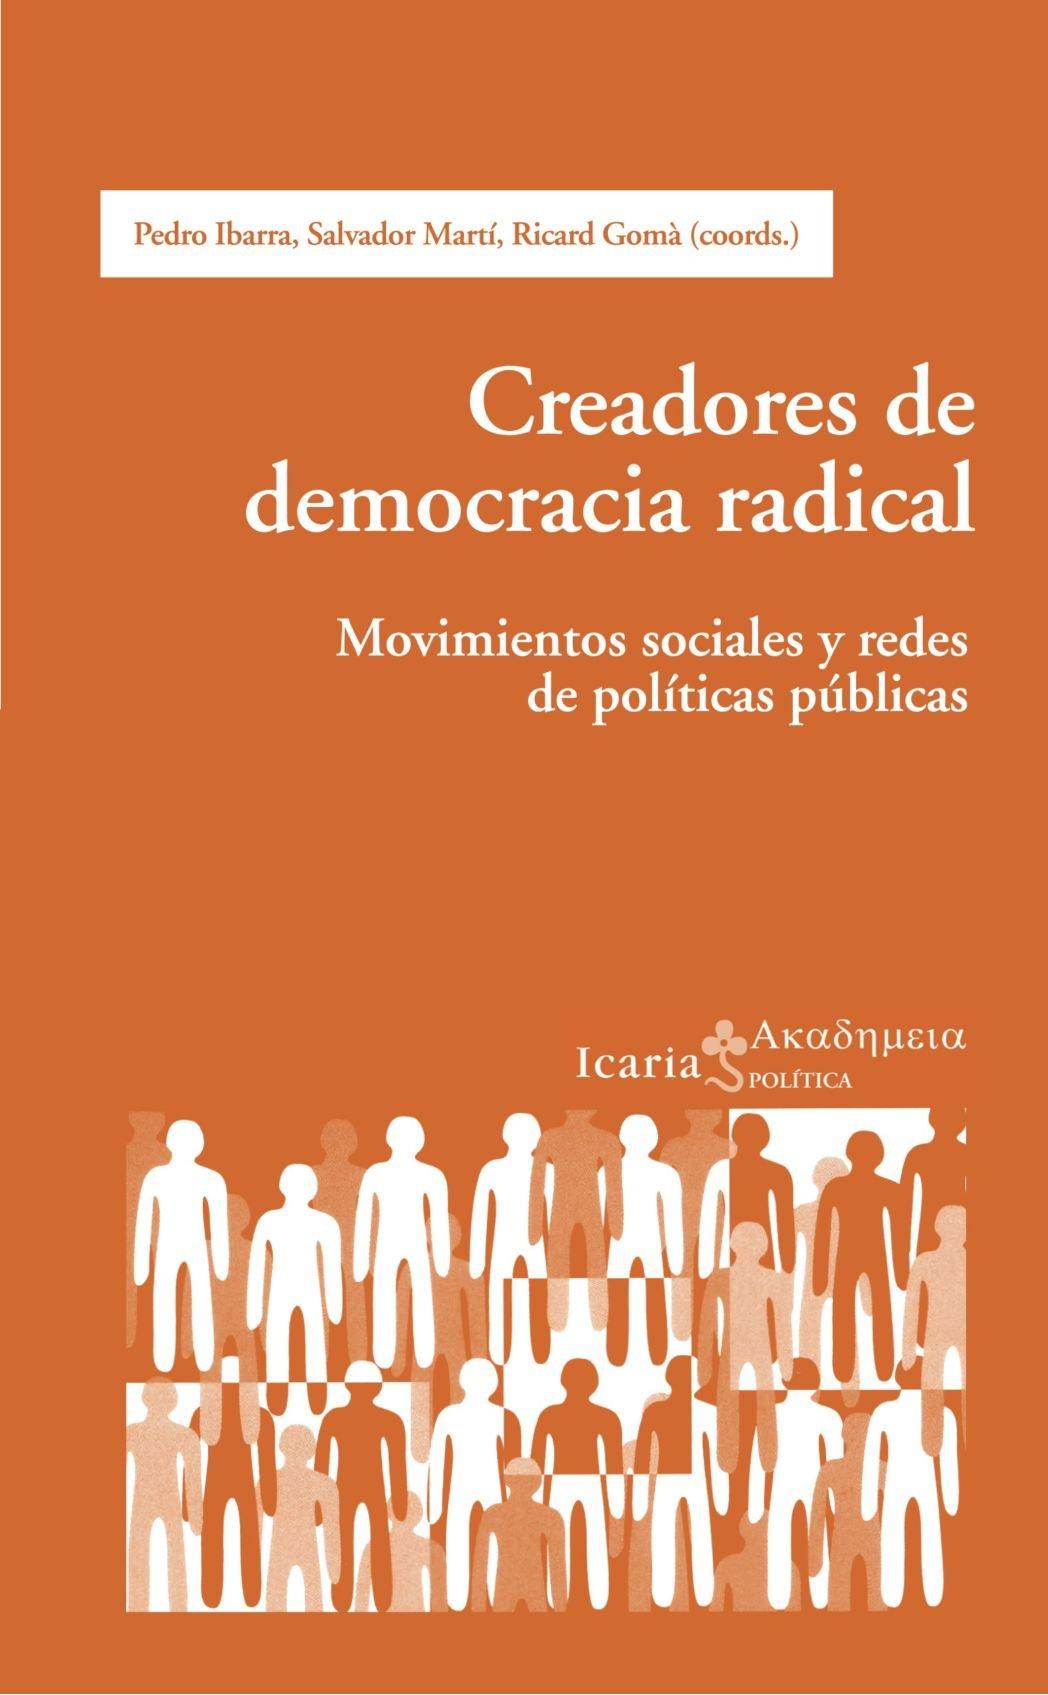 Creadores de Democracia Radical: Movimientos Sociales u Redes de Politicas Publicas (Spanish Edition) pdf